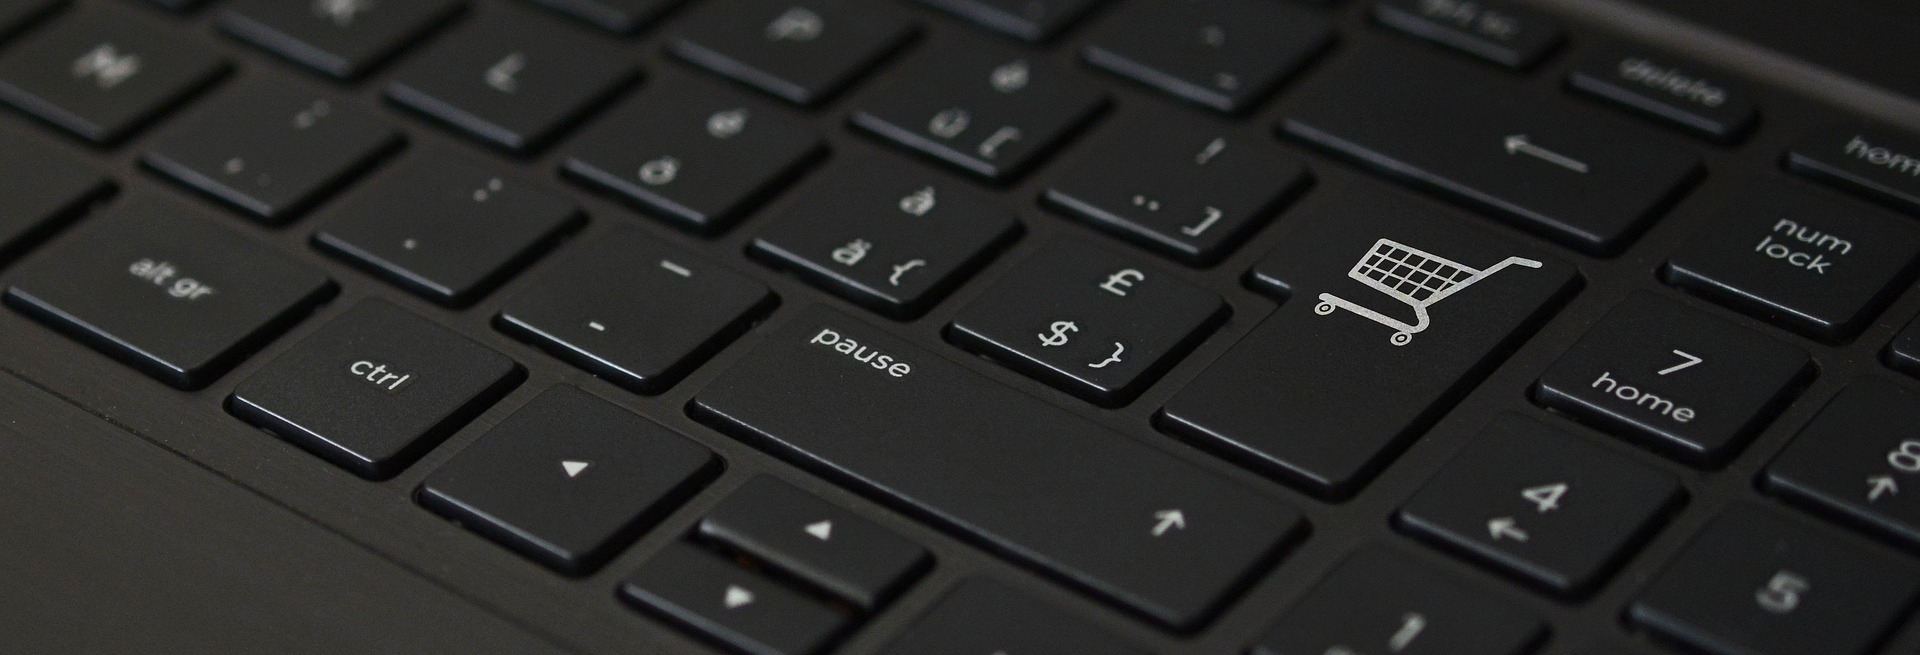 image showing ecommerce